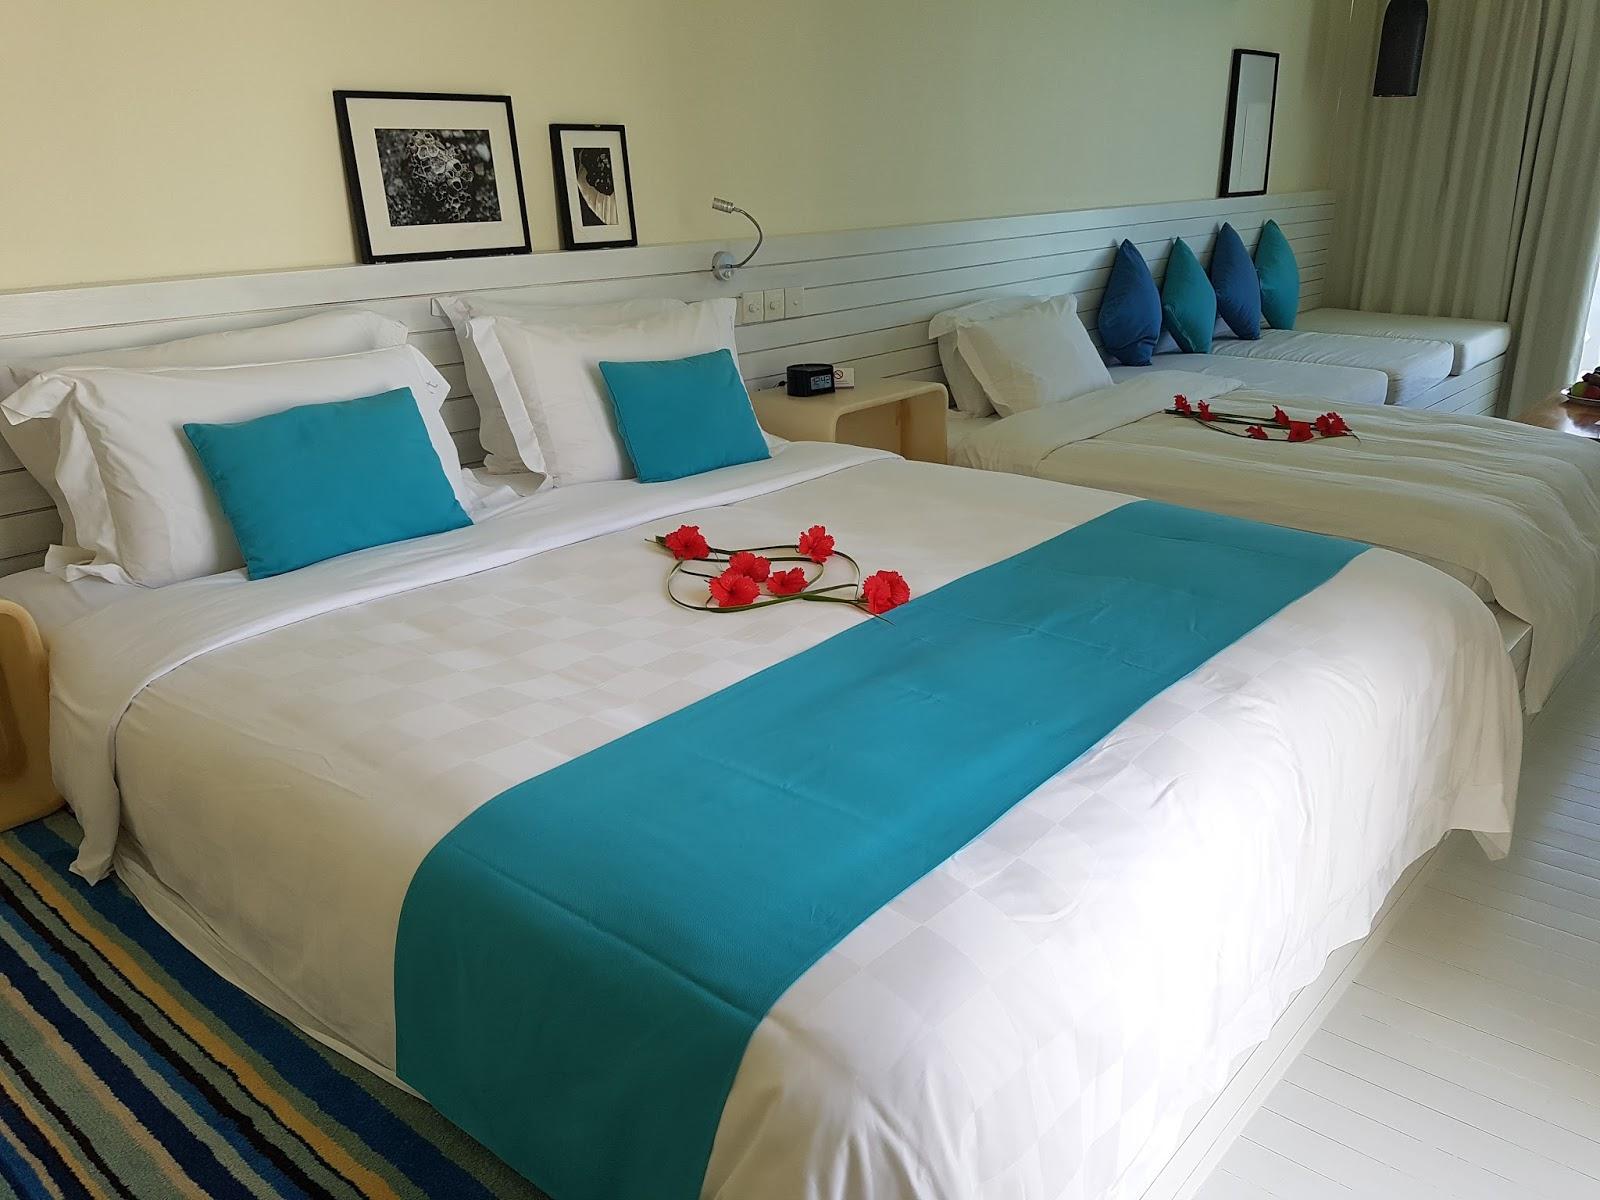 Holiday Inn Resort Kandooma Maldives - HenrikTravel.com